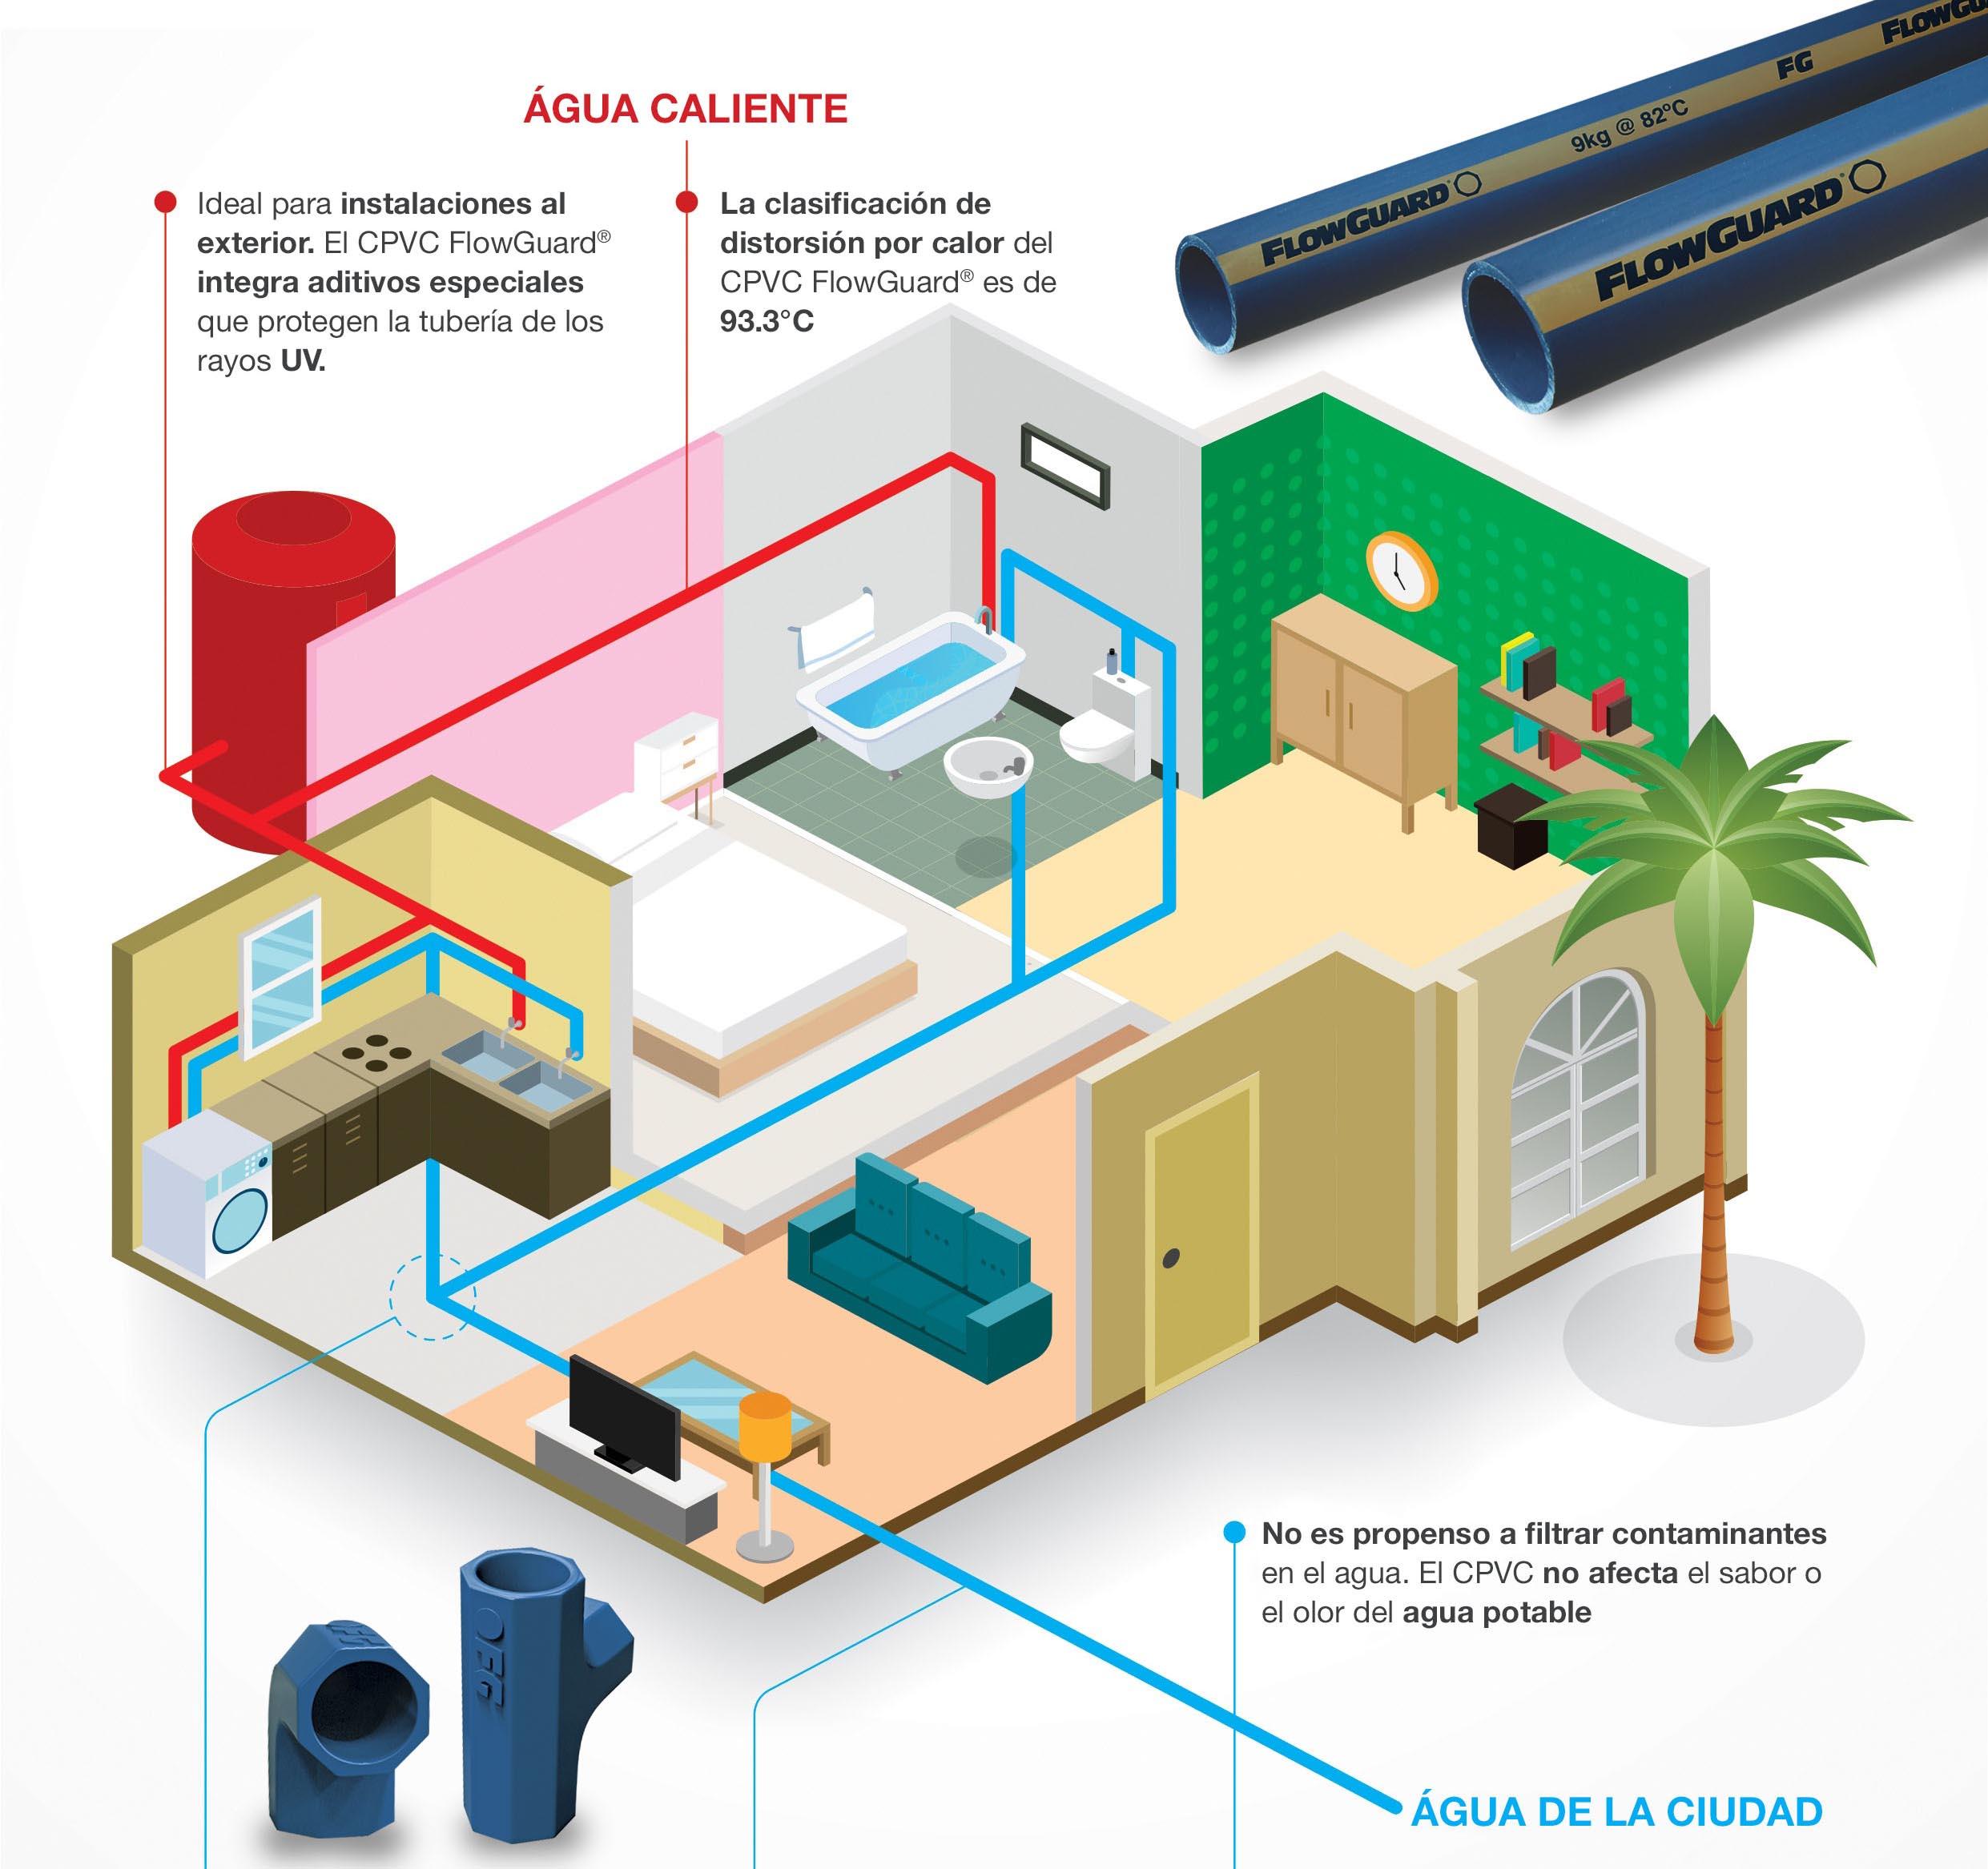 ¿Porqué usar el CPVC FLOWGUARD® Para Sistemas de Plomería Residenciales en Caliente y en Frío? [INFOGRAFÍA]